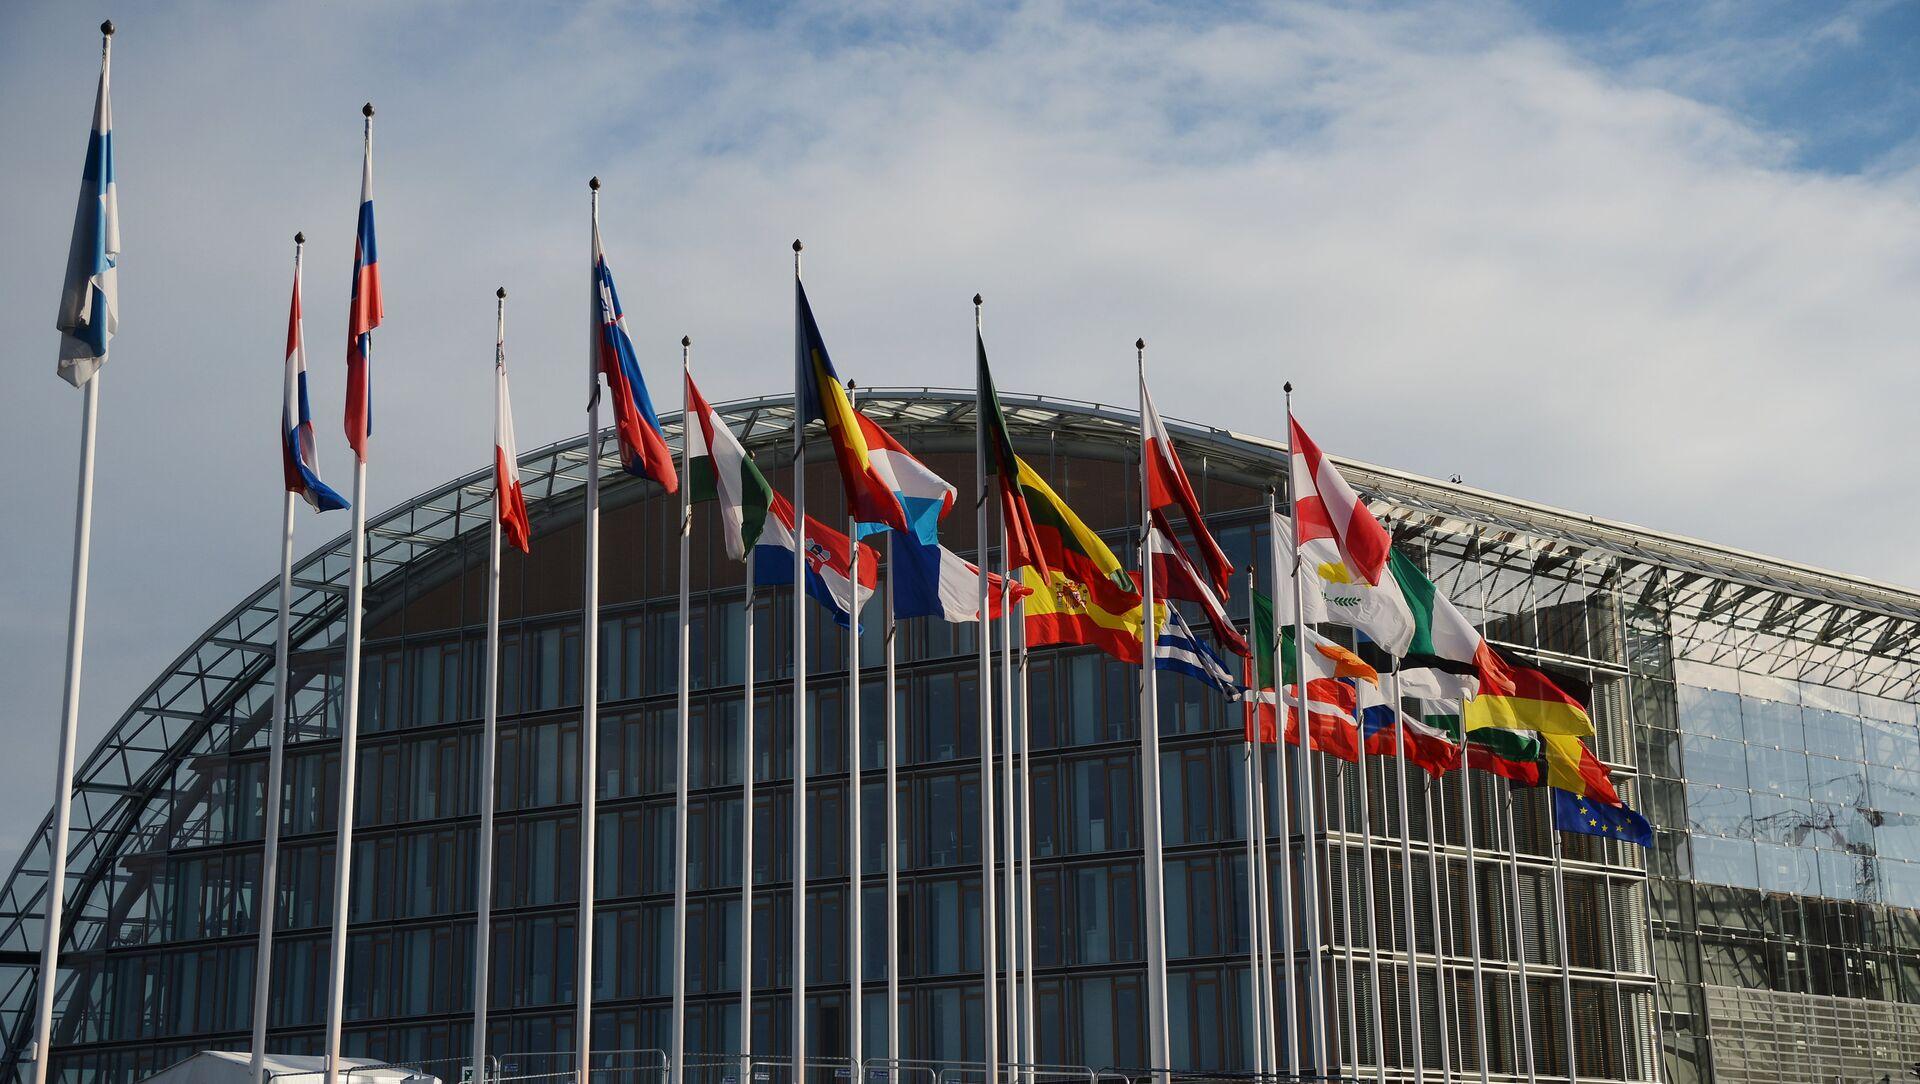 Здание Европейского банка реконструкции и развития в Люксембурге - Sputnik Азербайджан, 1920, 06.02.2021